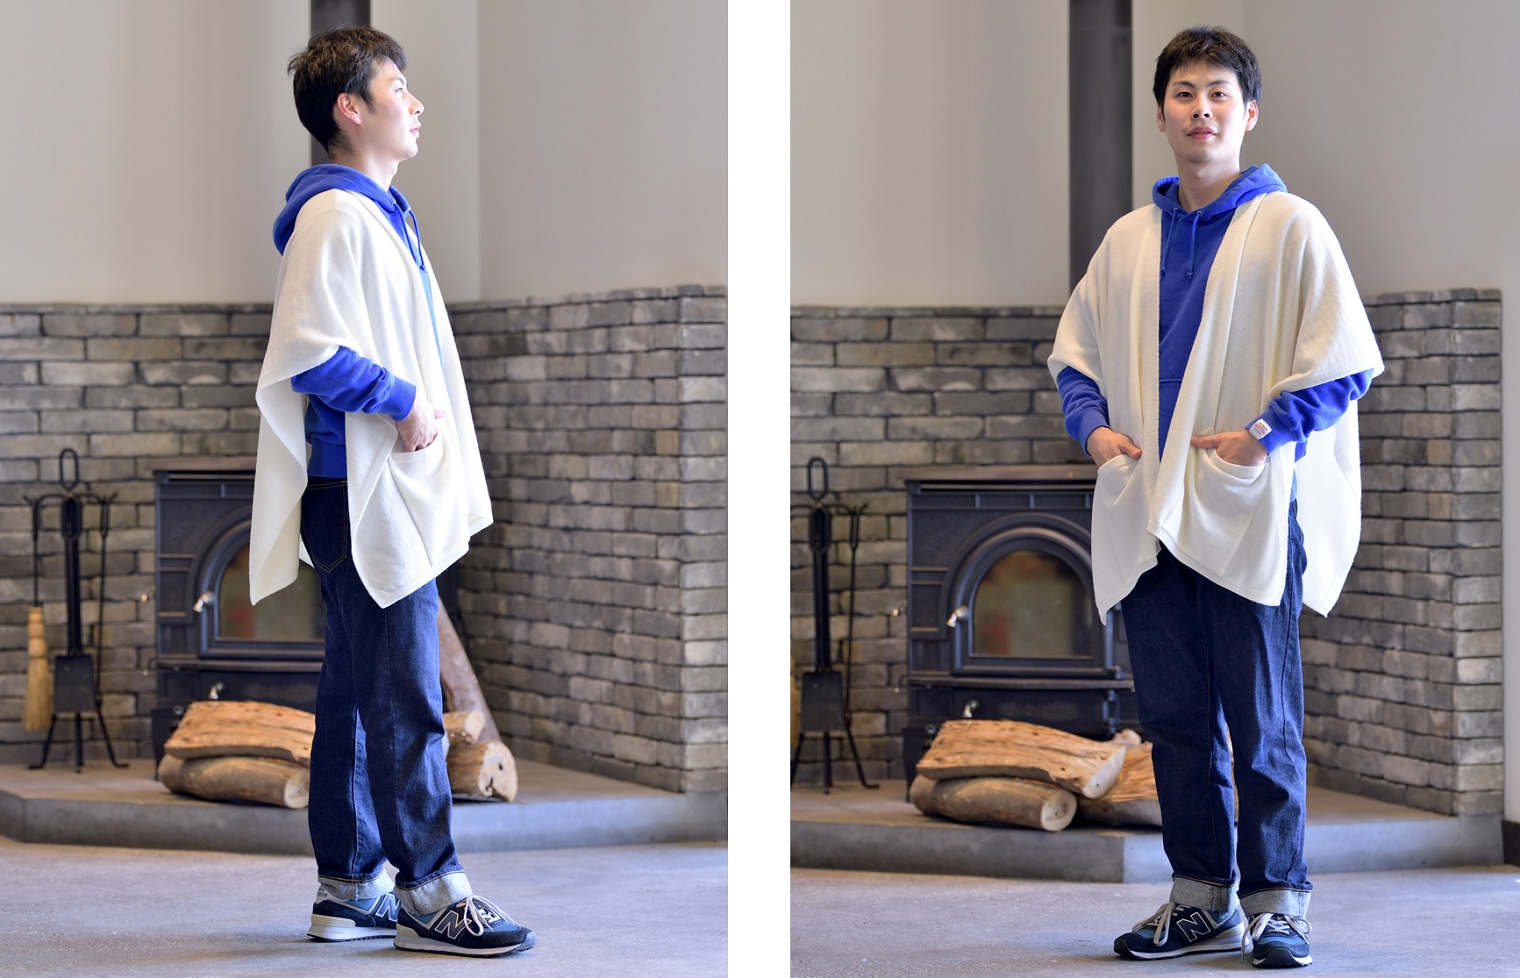 tate-S 羽織るポンチョ 手をあたためるポケット エアリーウール<br />